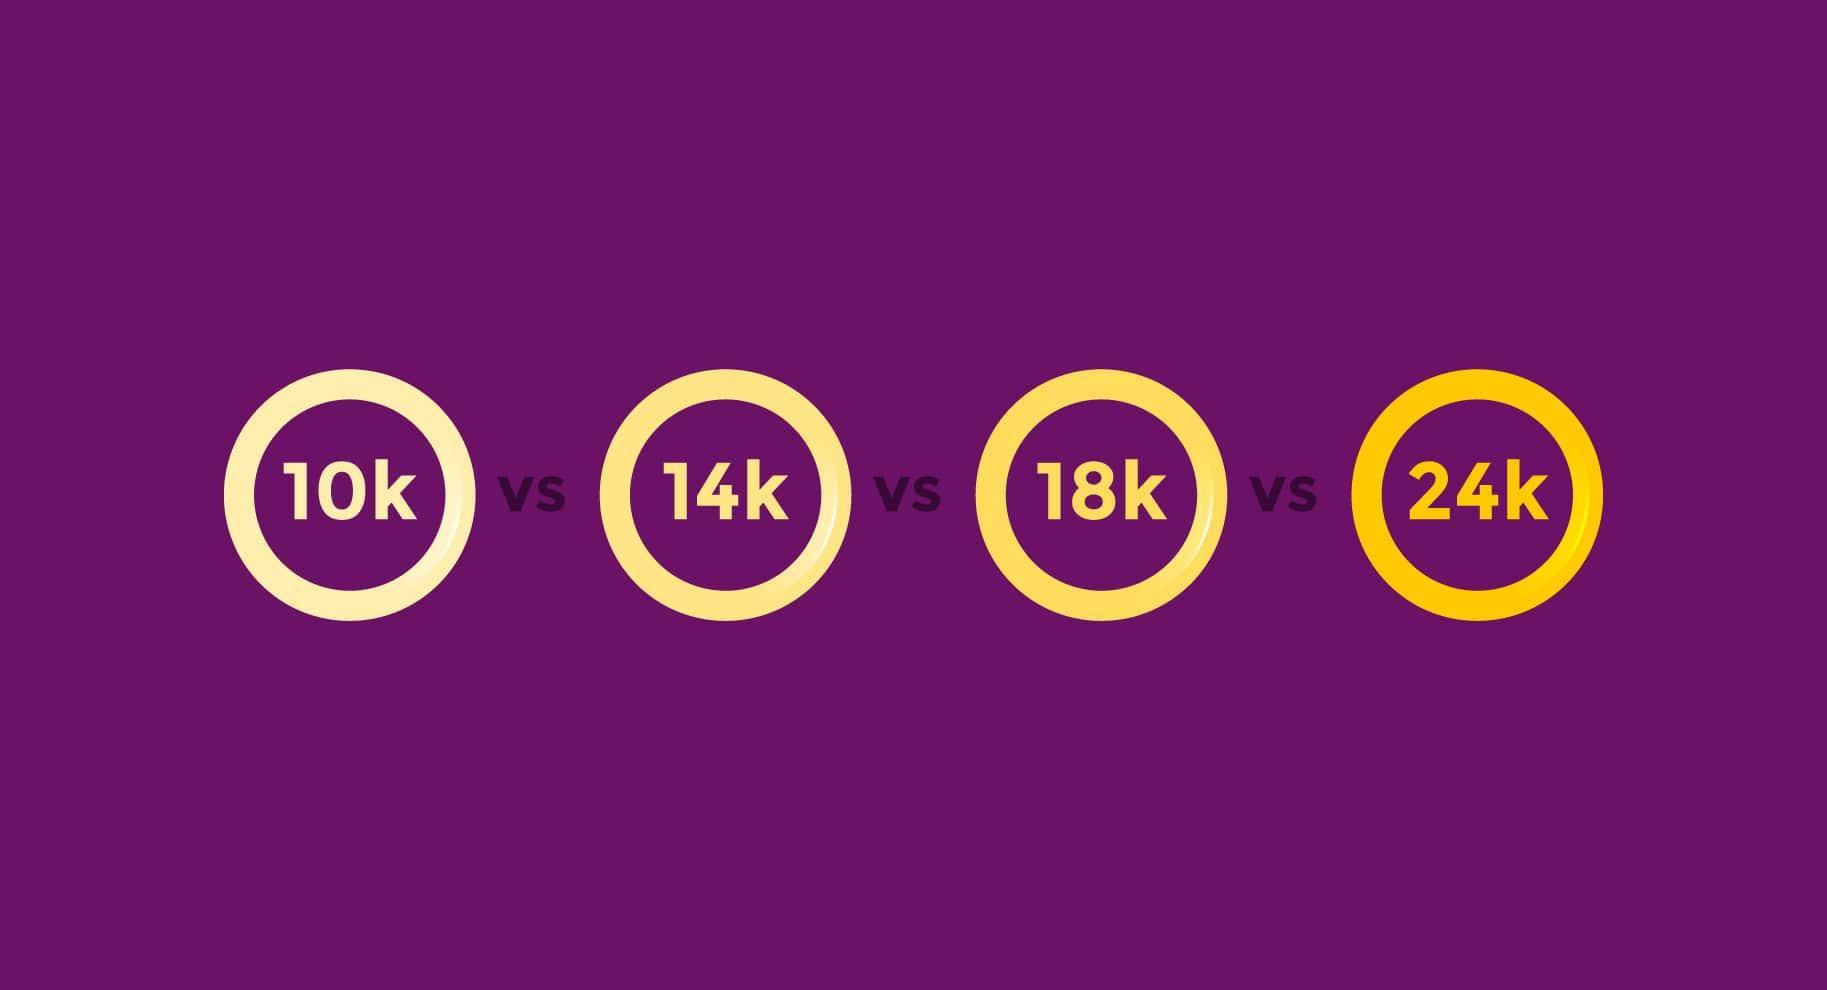 10k vs 14k vs 18k vs 24 gold illustration